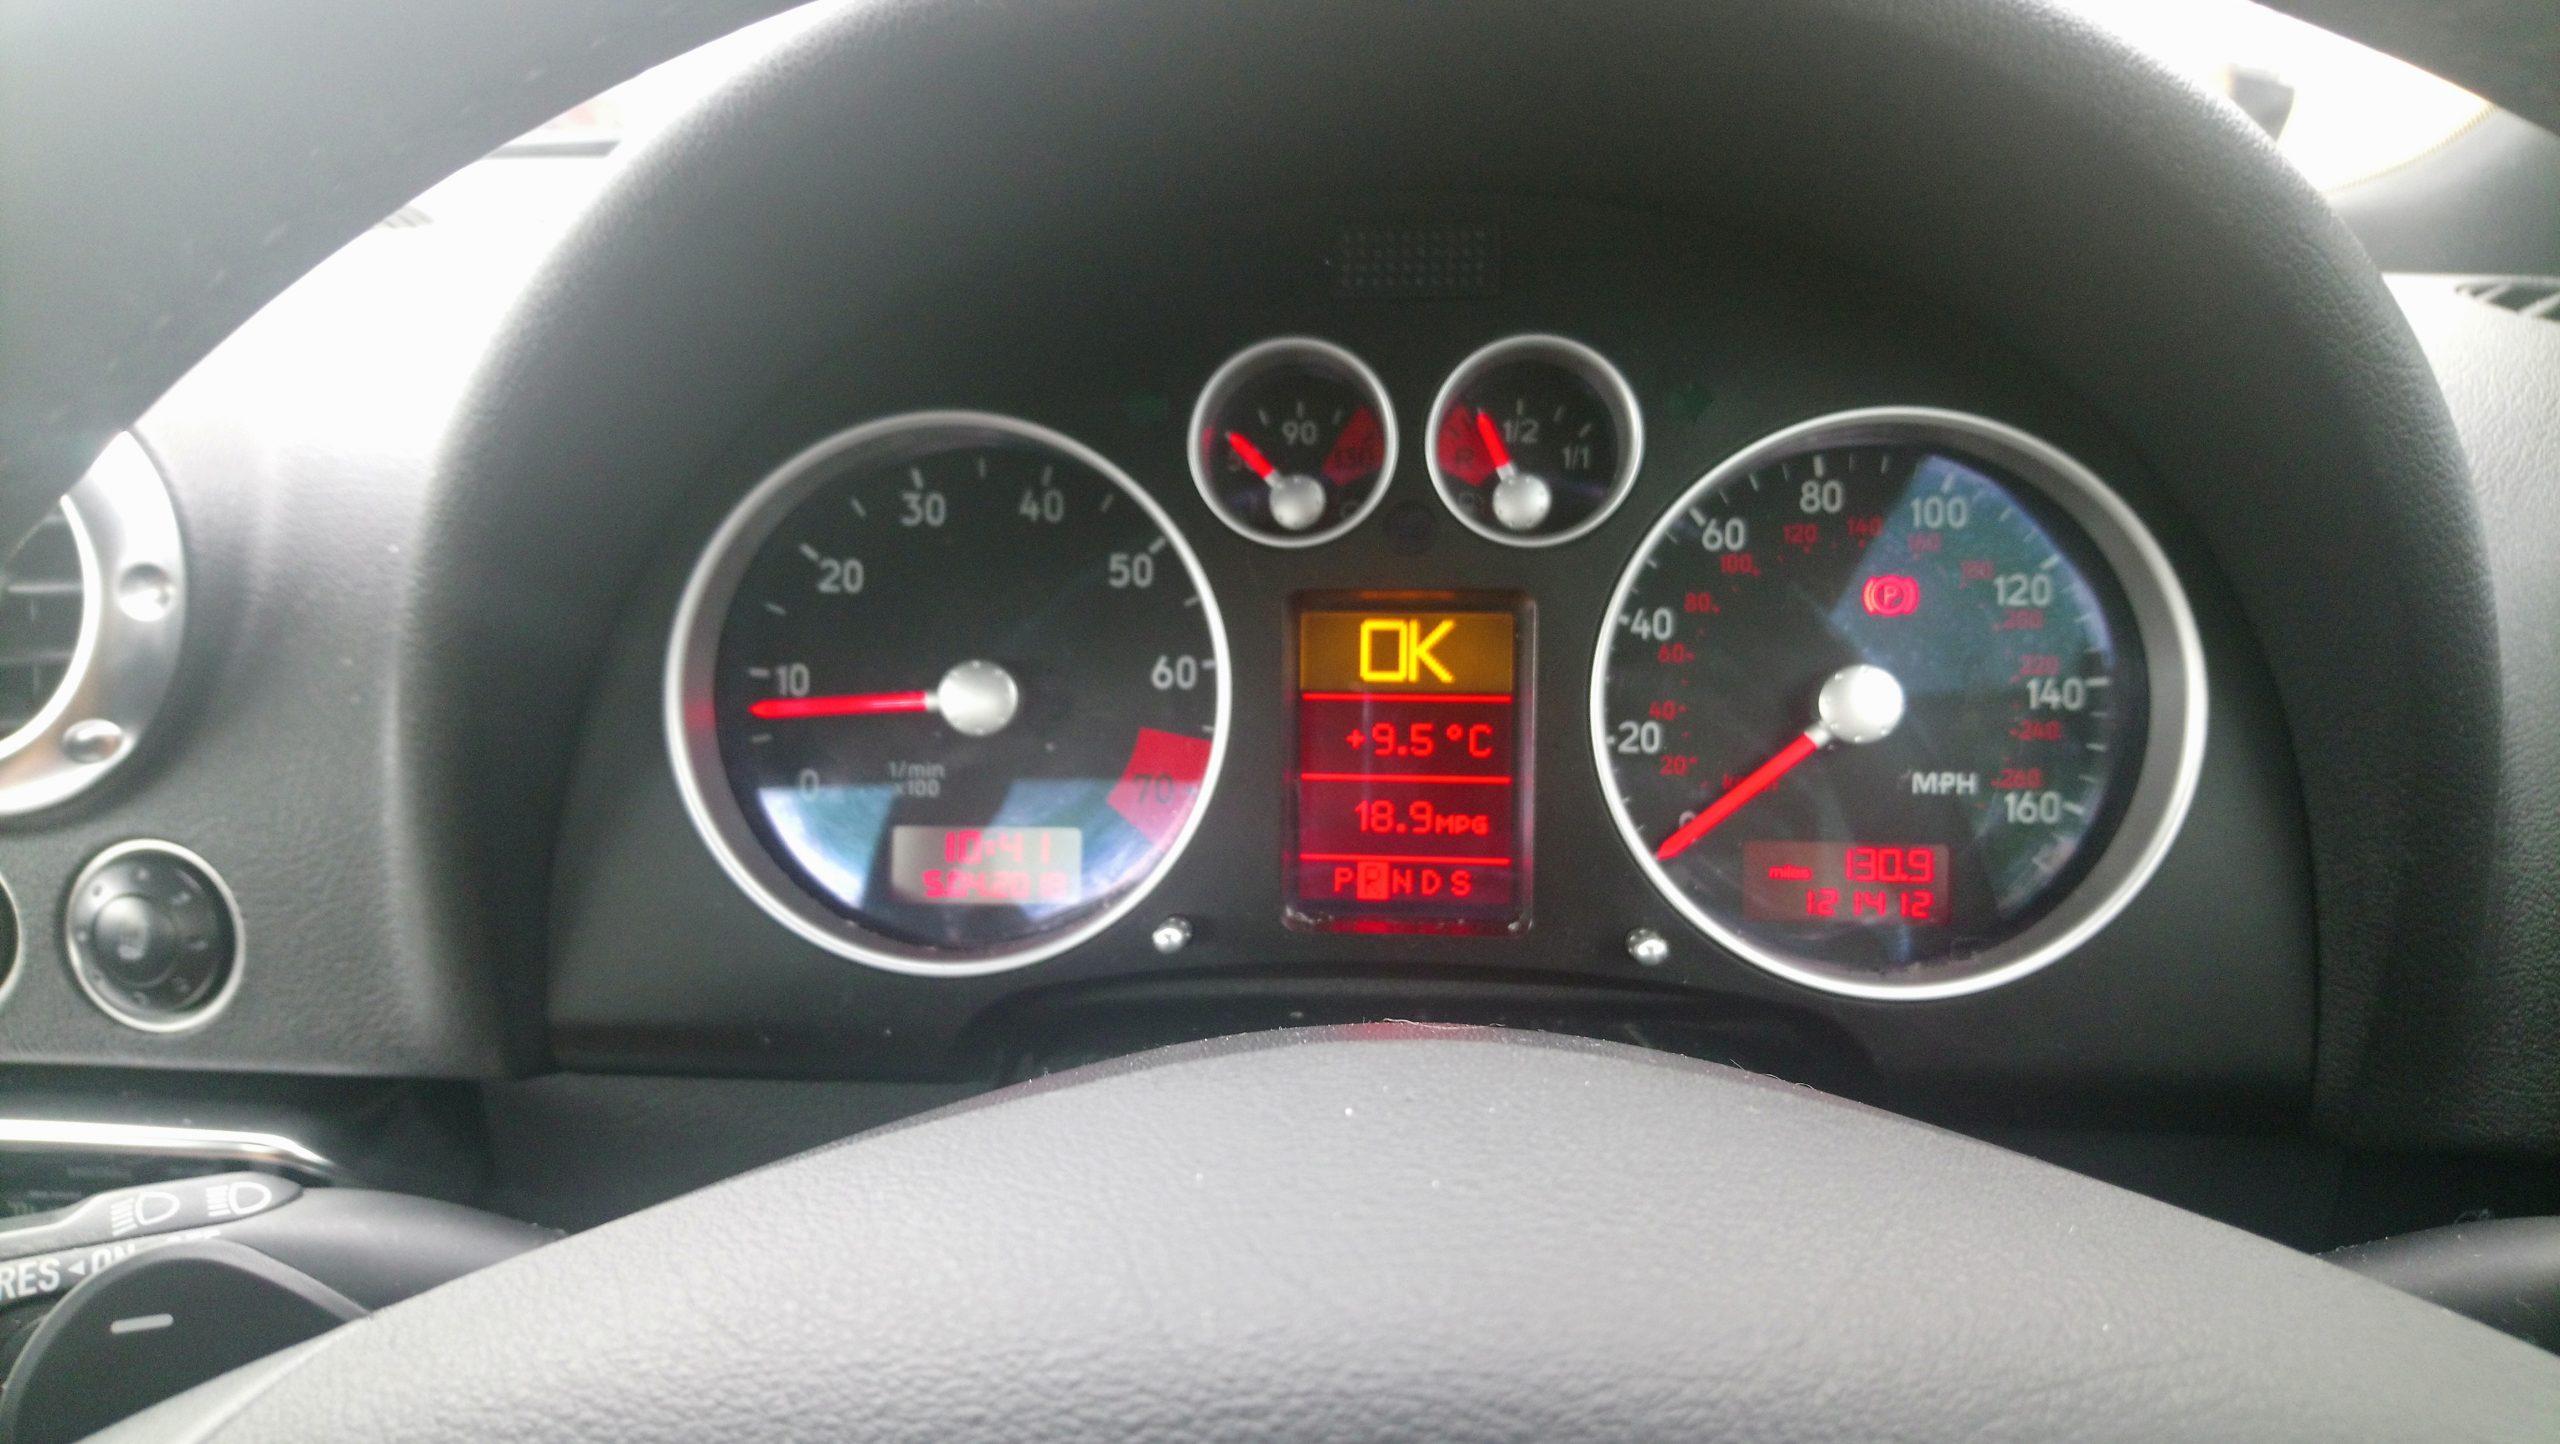 Tableau de bord AUDI TT V6